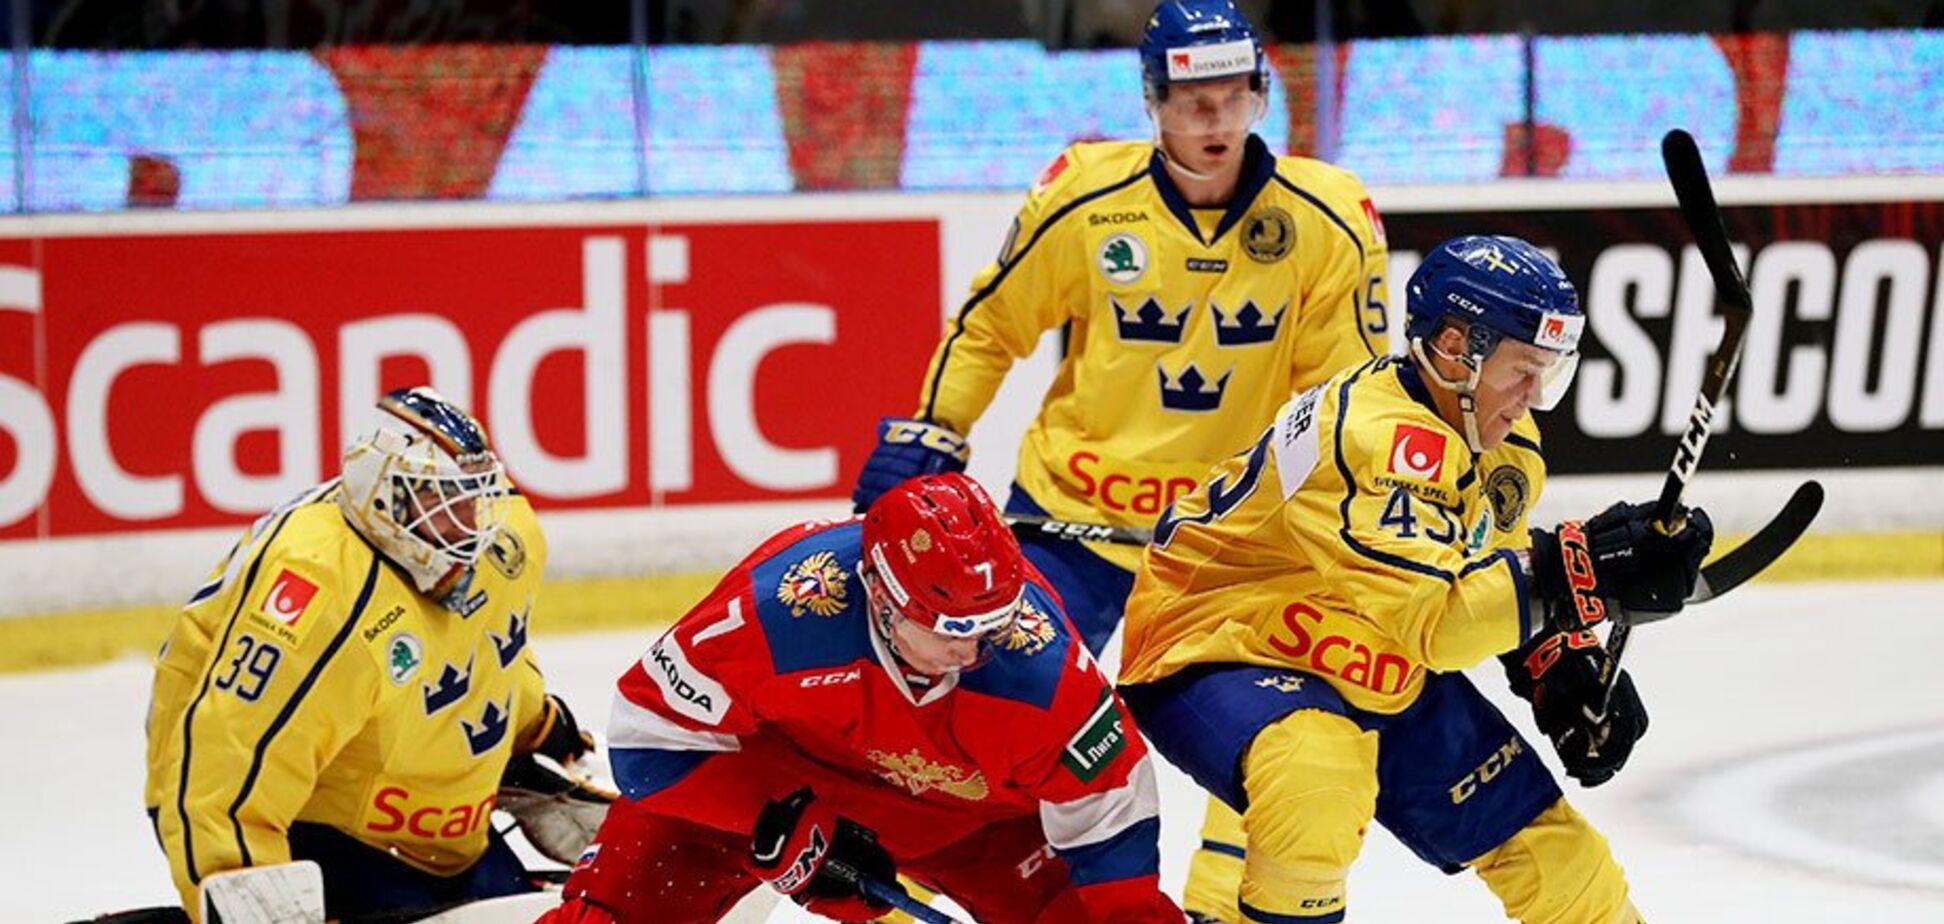 Де дивитися онлайн хокей Швеція — Росія: розклад трансляцій чемпіонату світу